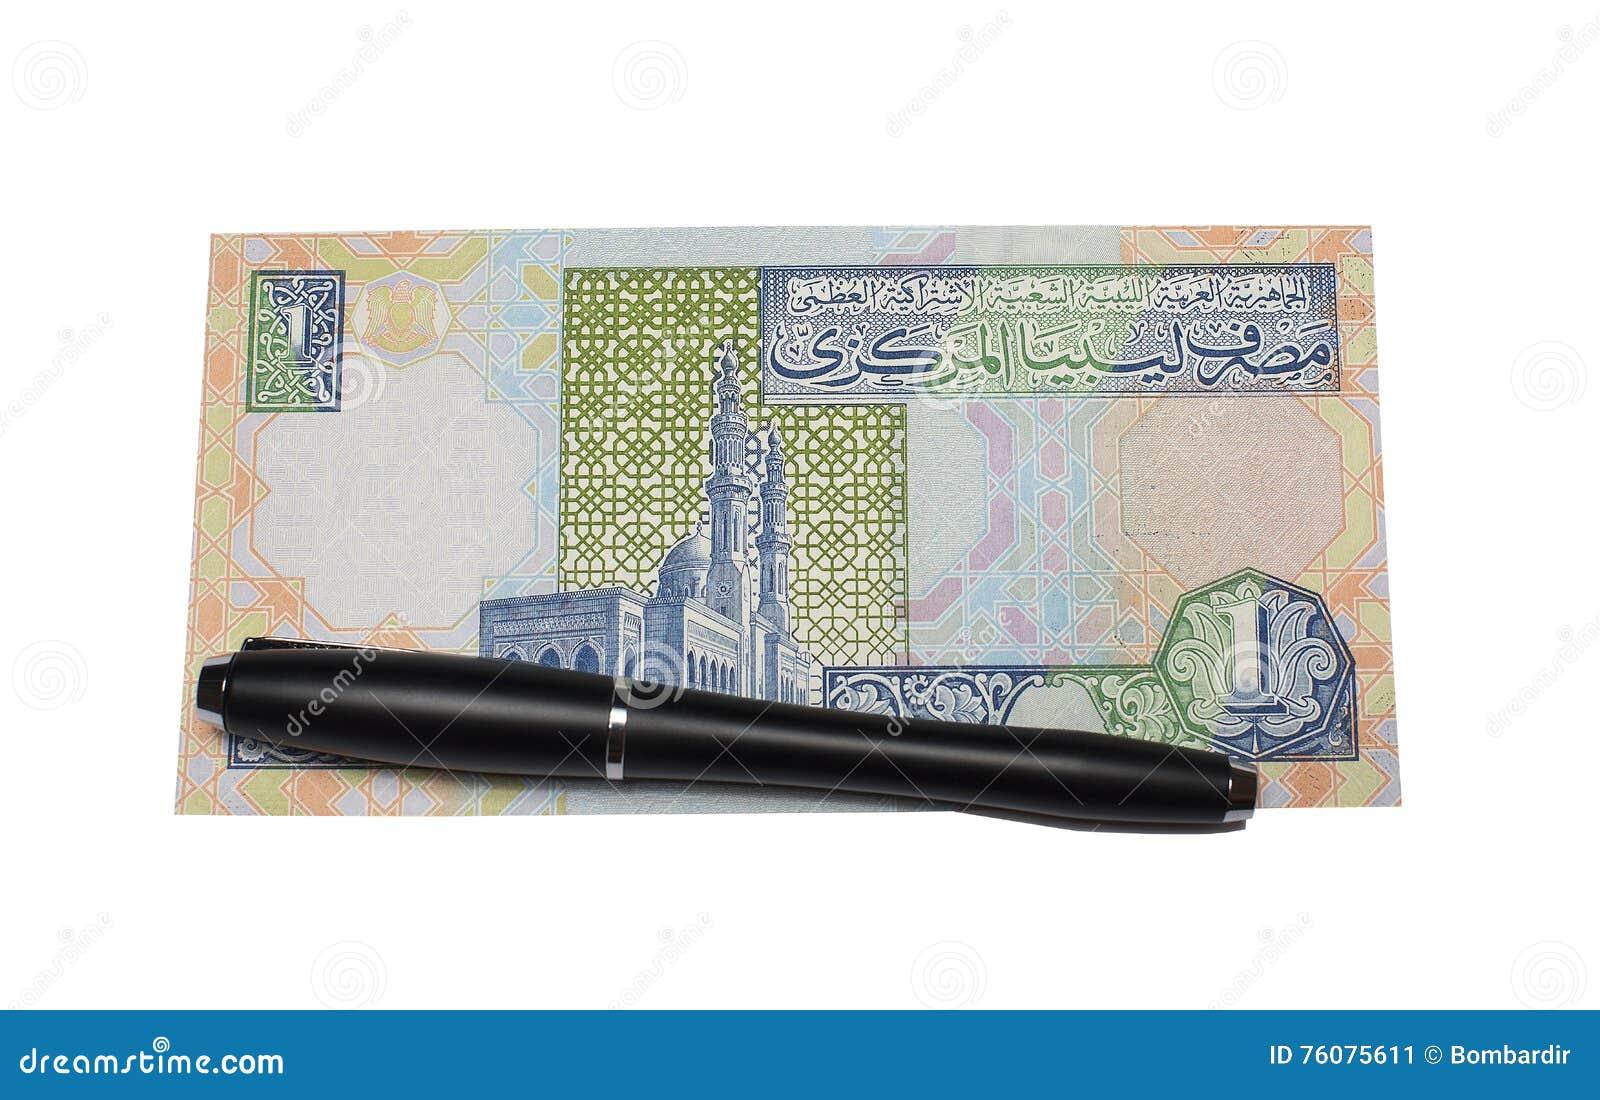 Collectibles invente des récompenses de billets de banque